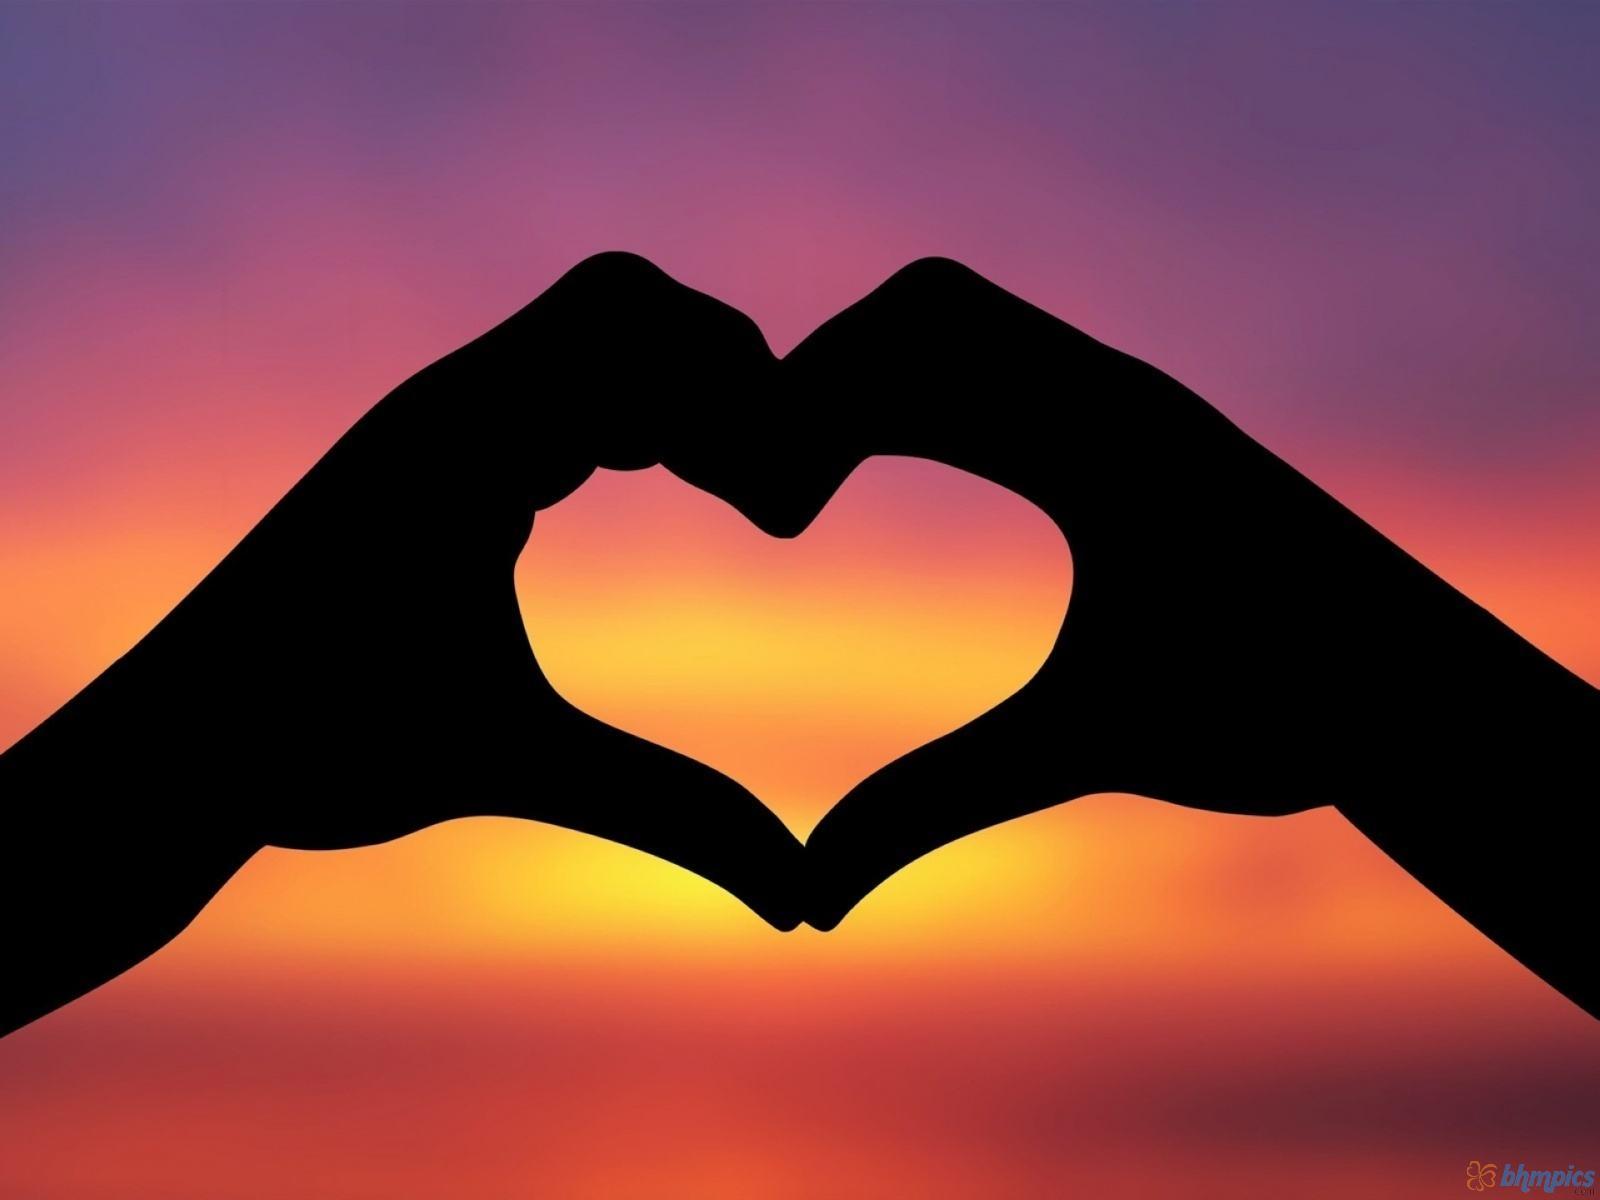 Сердце в ладошках  № 923419 бесплатно